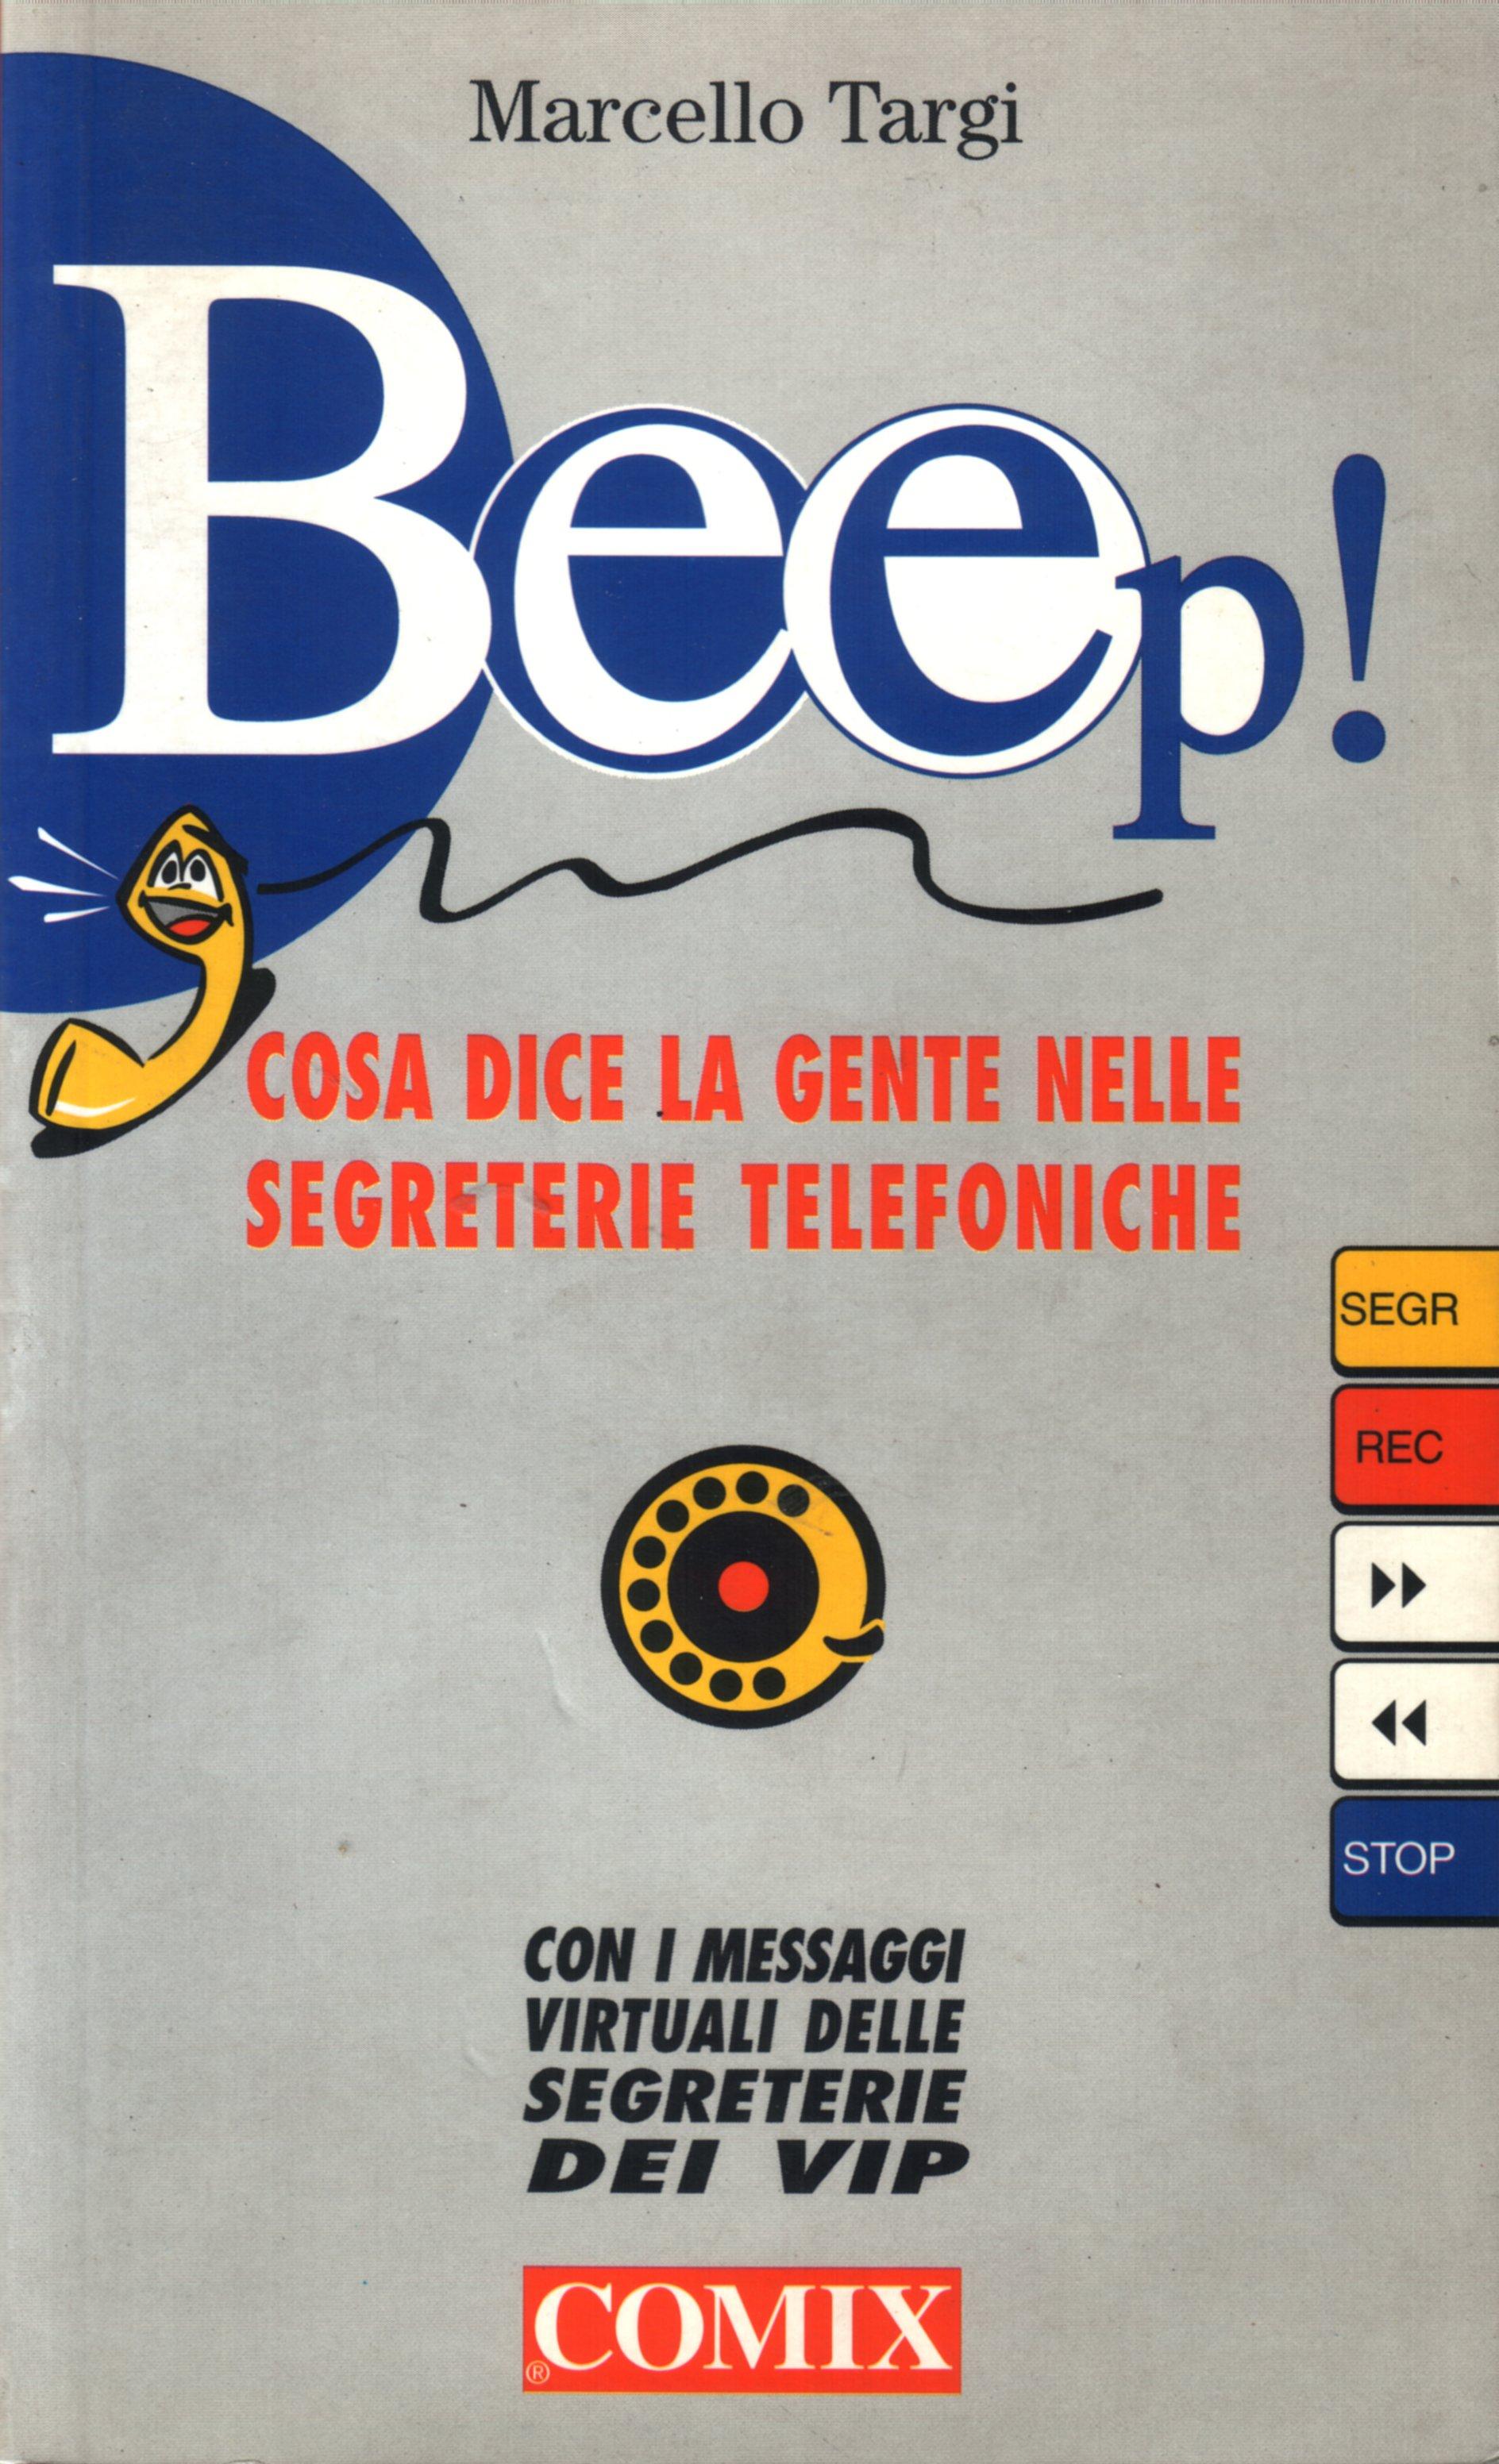 Parlate dopo il beep!